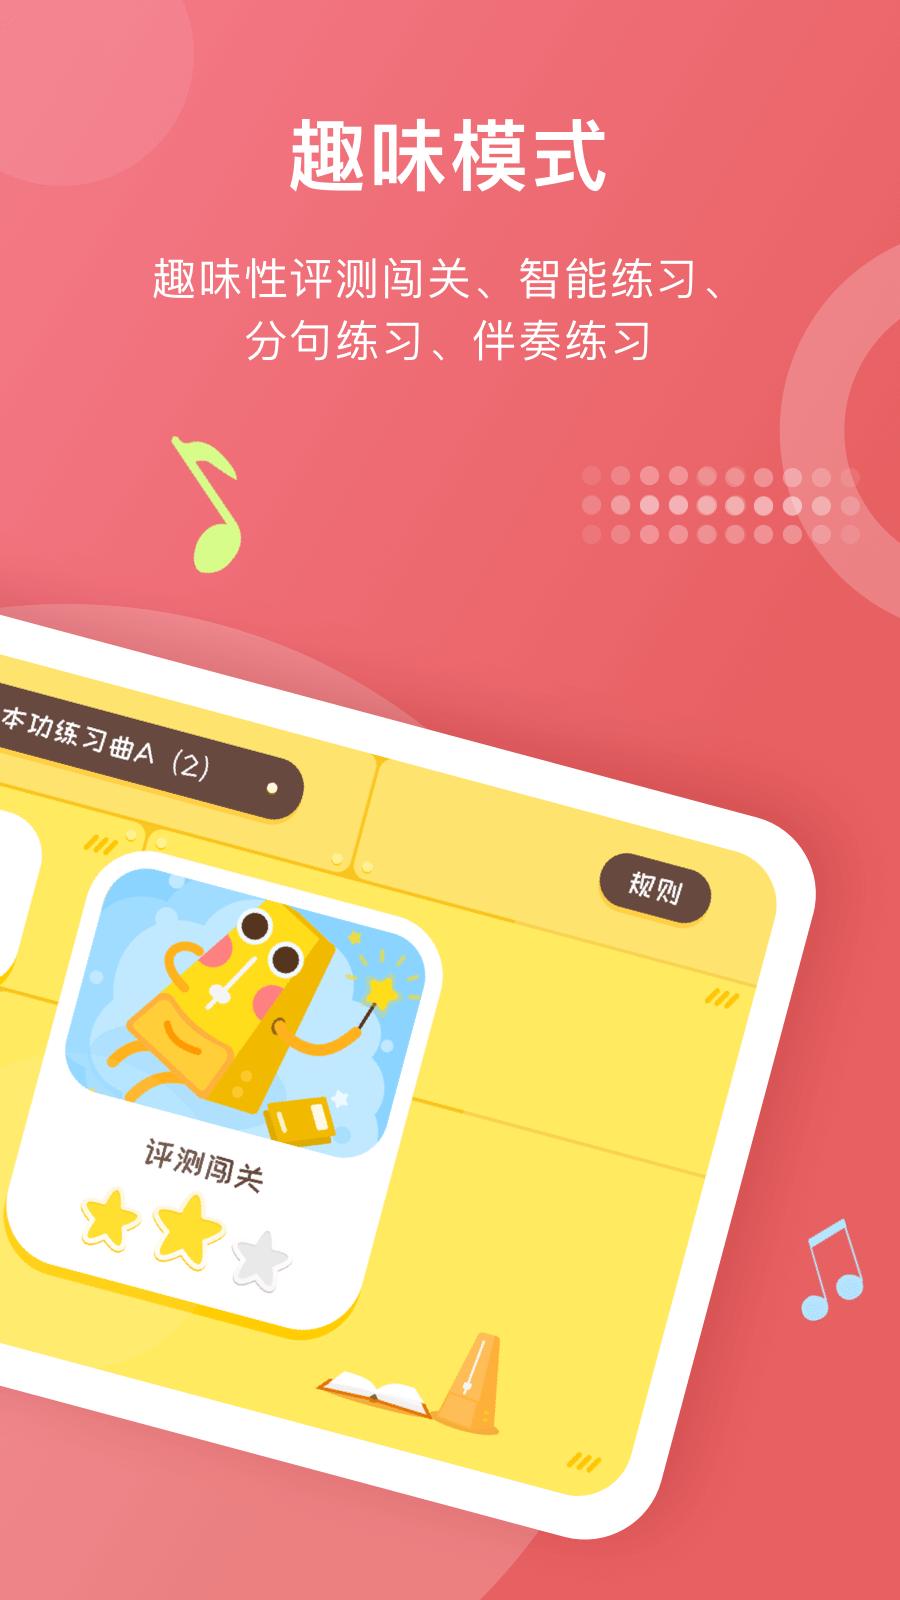 爱小艺学生 V1.6.0 安卓版截图2